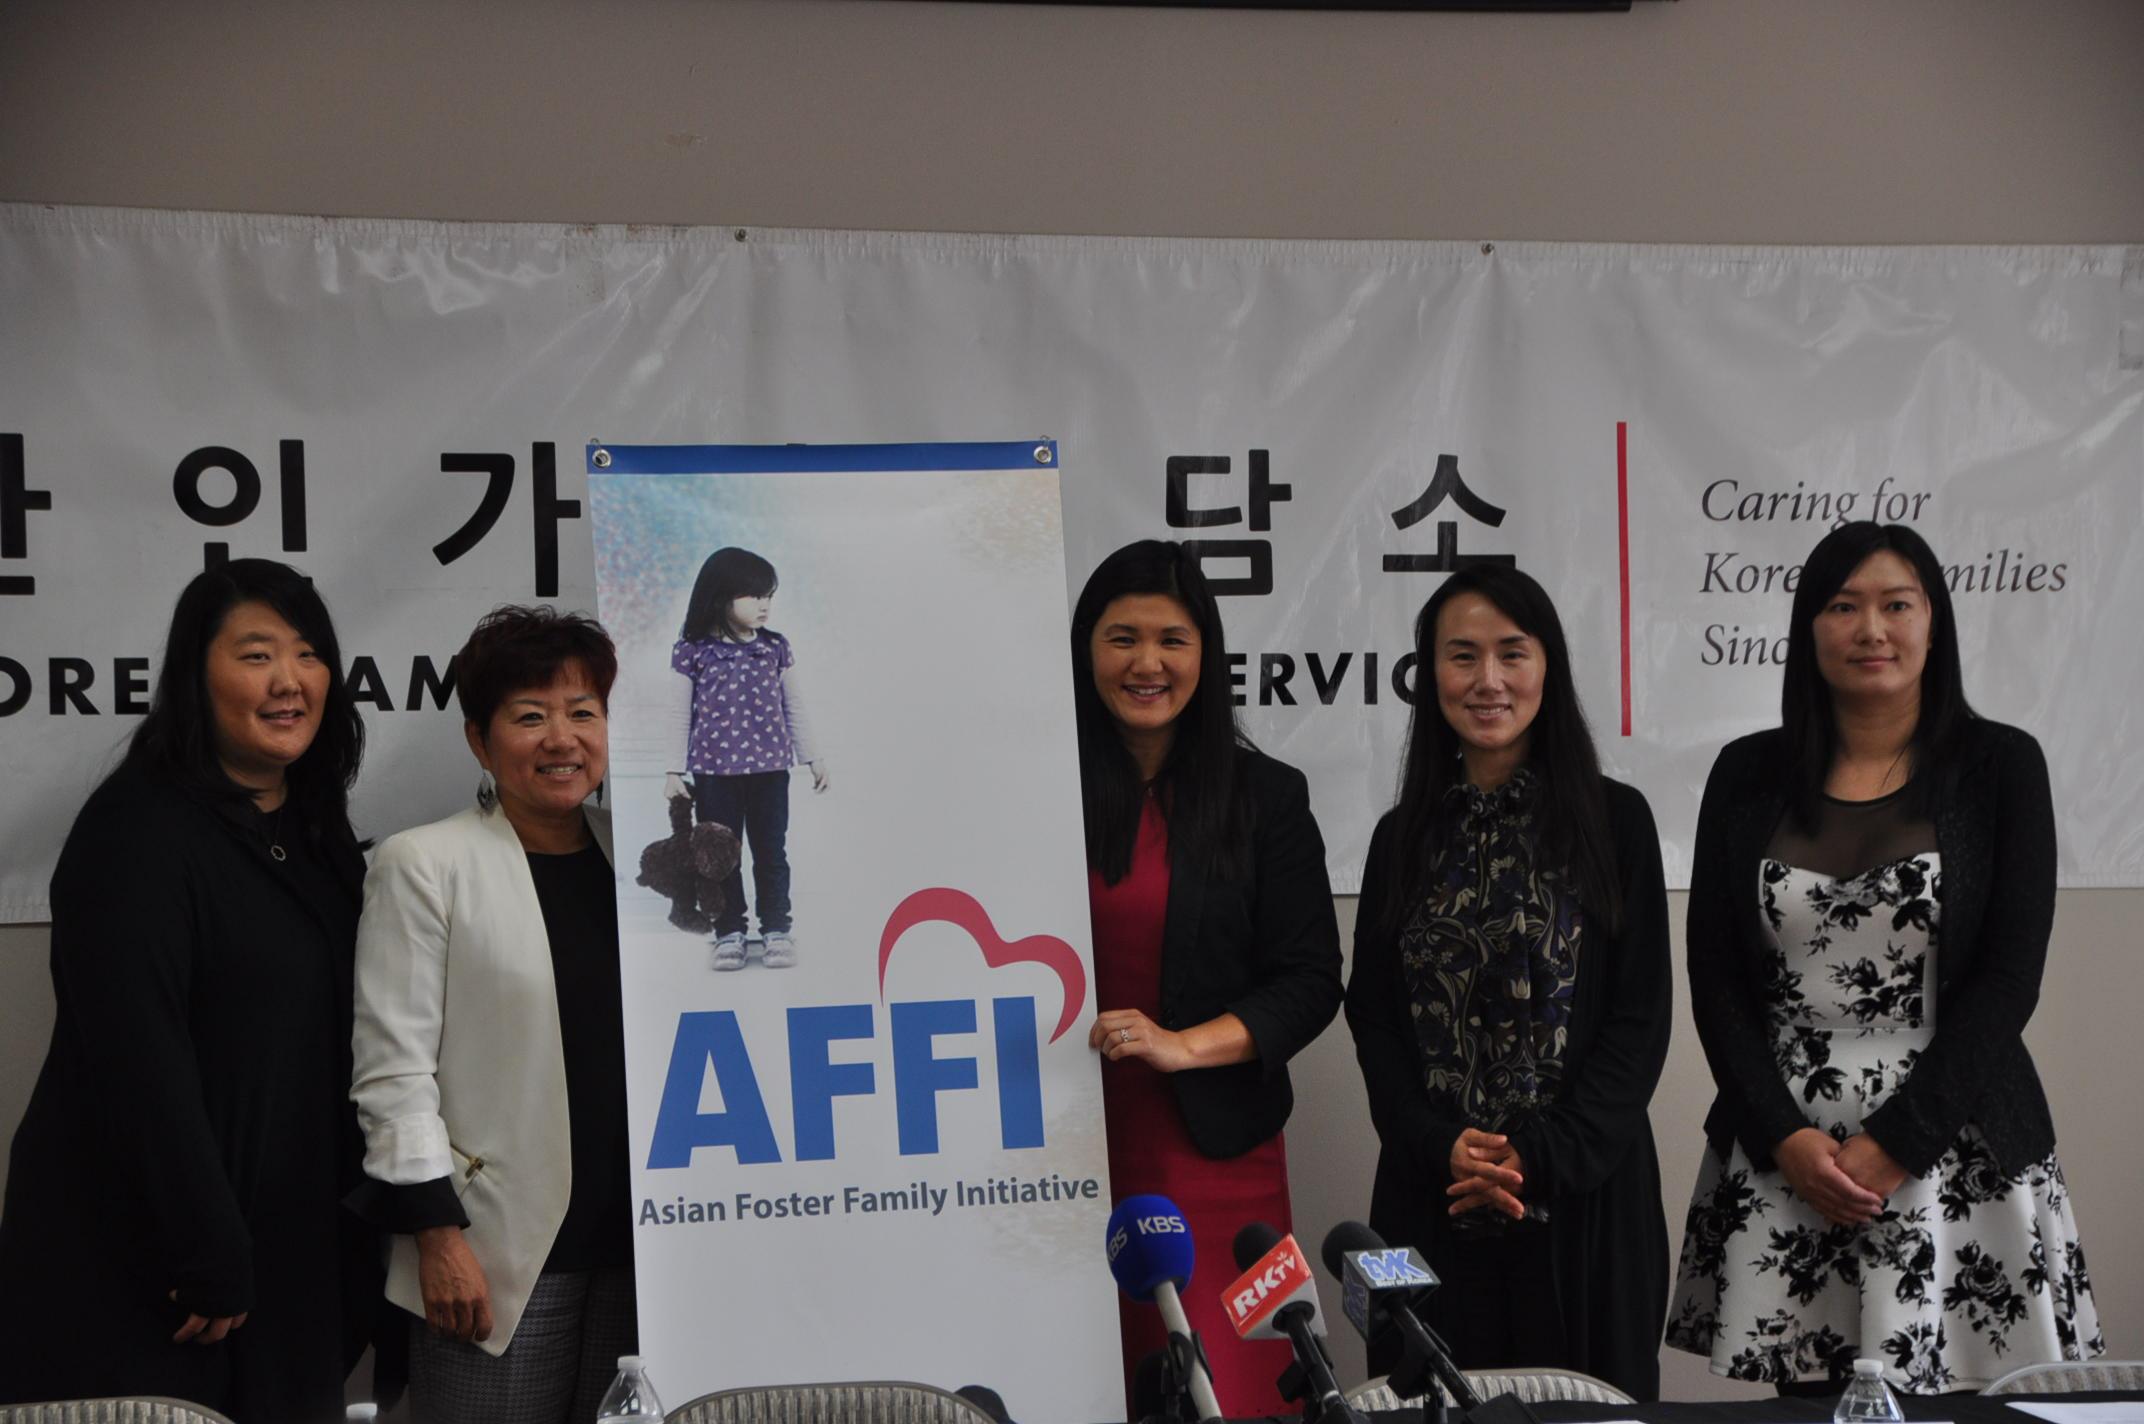 韓美家庭服務中心董事Connie Chung(右三)宣佈全美第一家致力於亞裔寄養兒童的寄養機構成立。(記者張越/攝影)